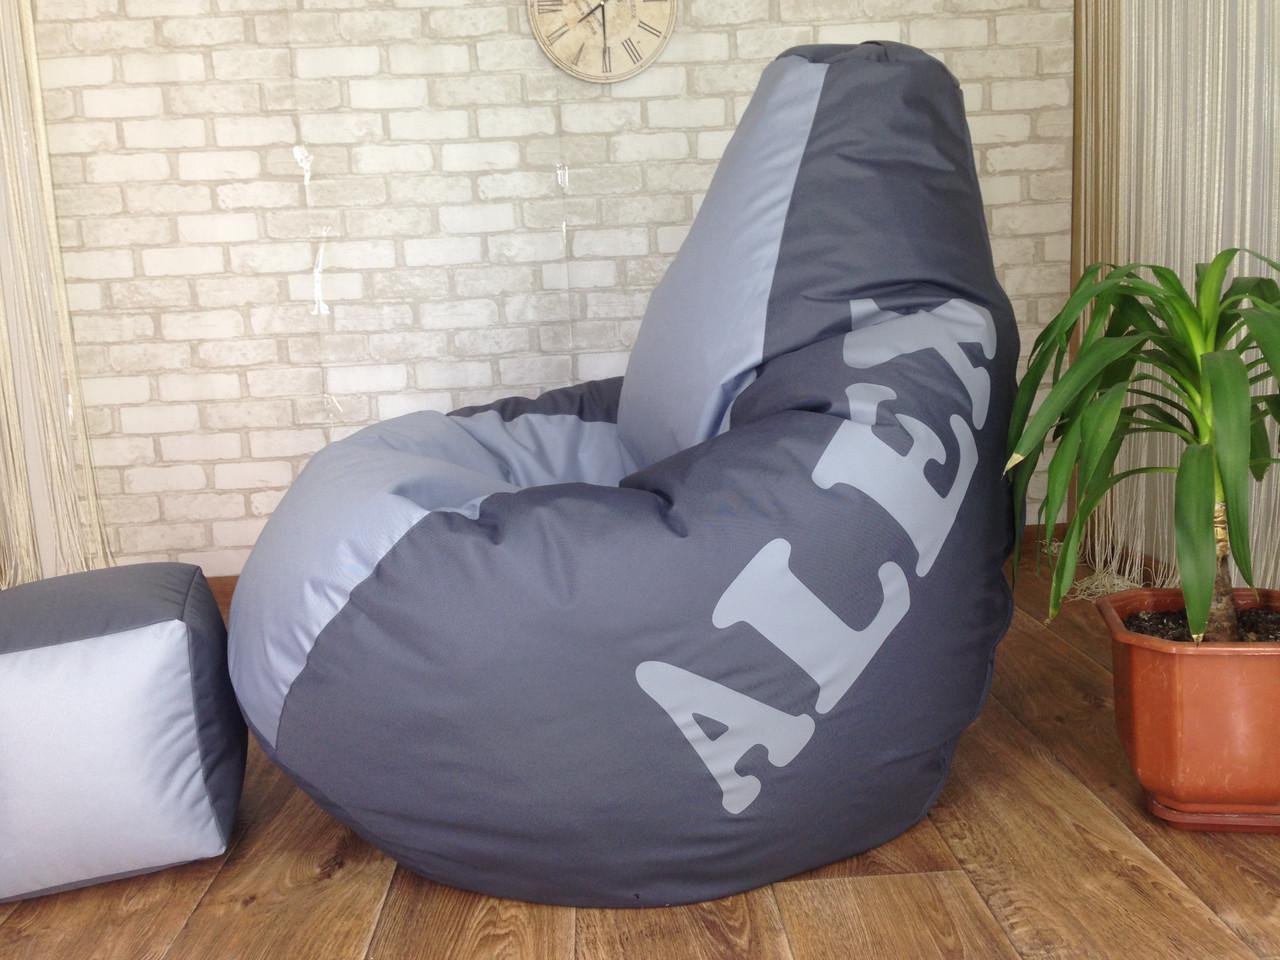 Кресло Мешок, бескаркасное кресло Груша ХХЛ, серый